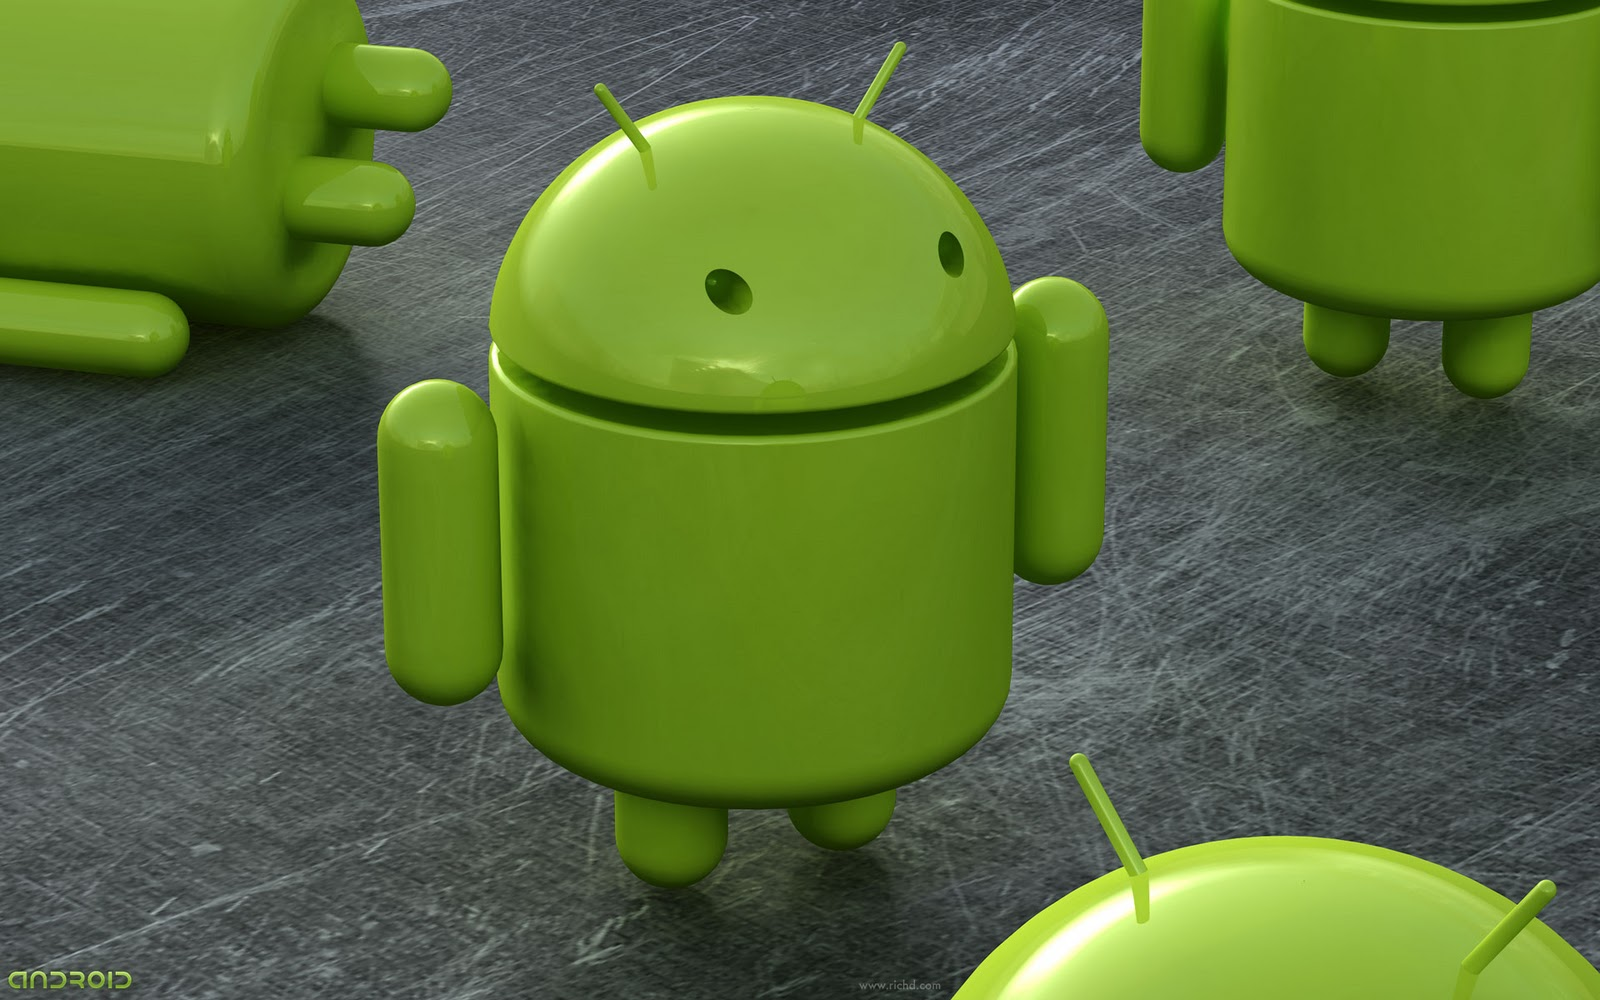 https://2.bp.blogspot.com/_JSR8IC77Ub4/TATYokamR0I/AAAAAAAAAhc/O1KKFe5Fay0/s1600/richd-android1920.jpg